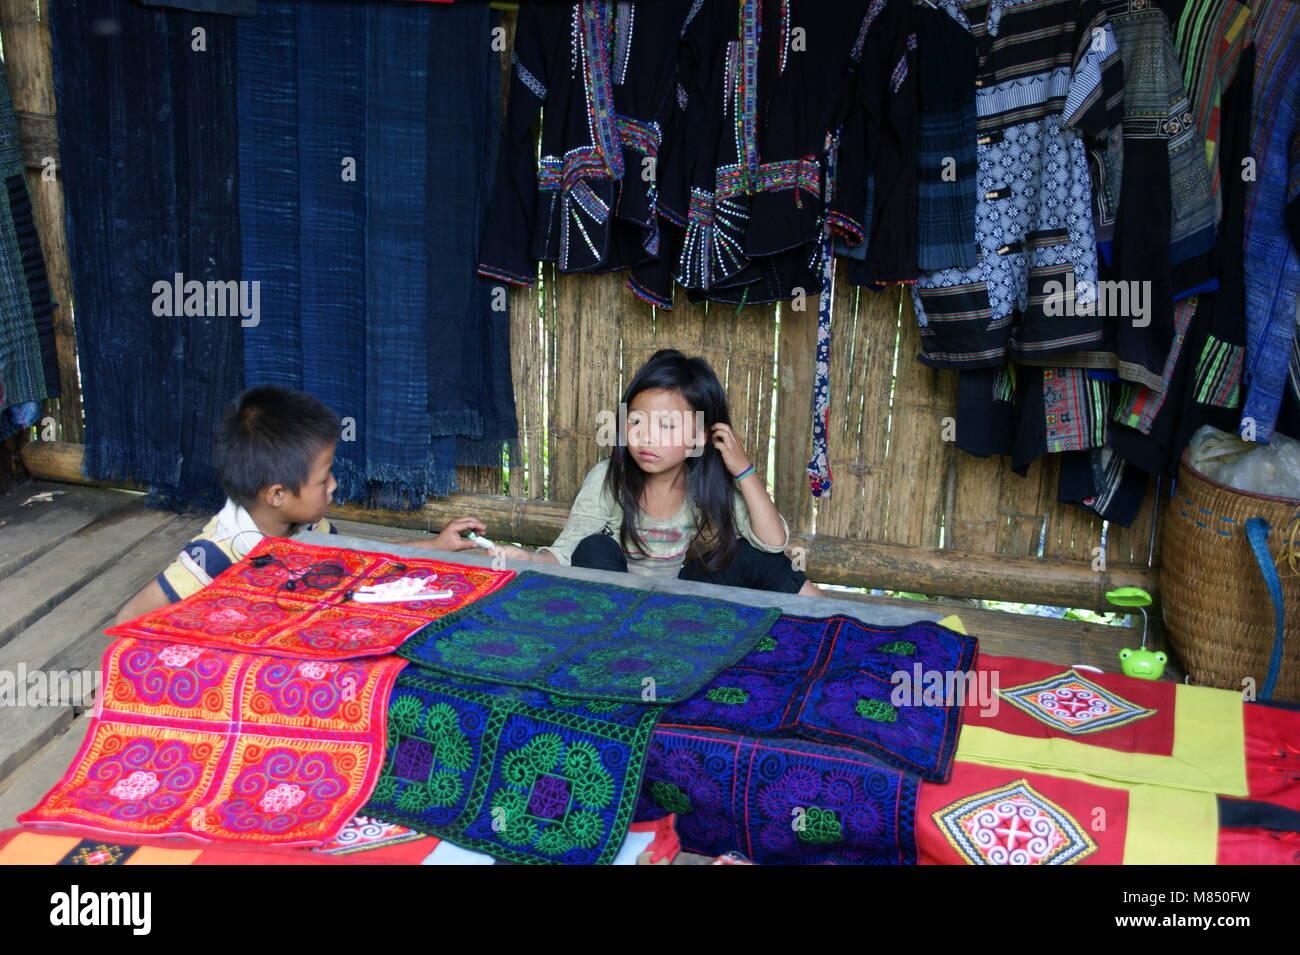 Los niños vietnamitas en la tienda de recuerdos de sus padres. Los representantes de las minorías nacionales Imagen De Stock